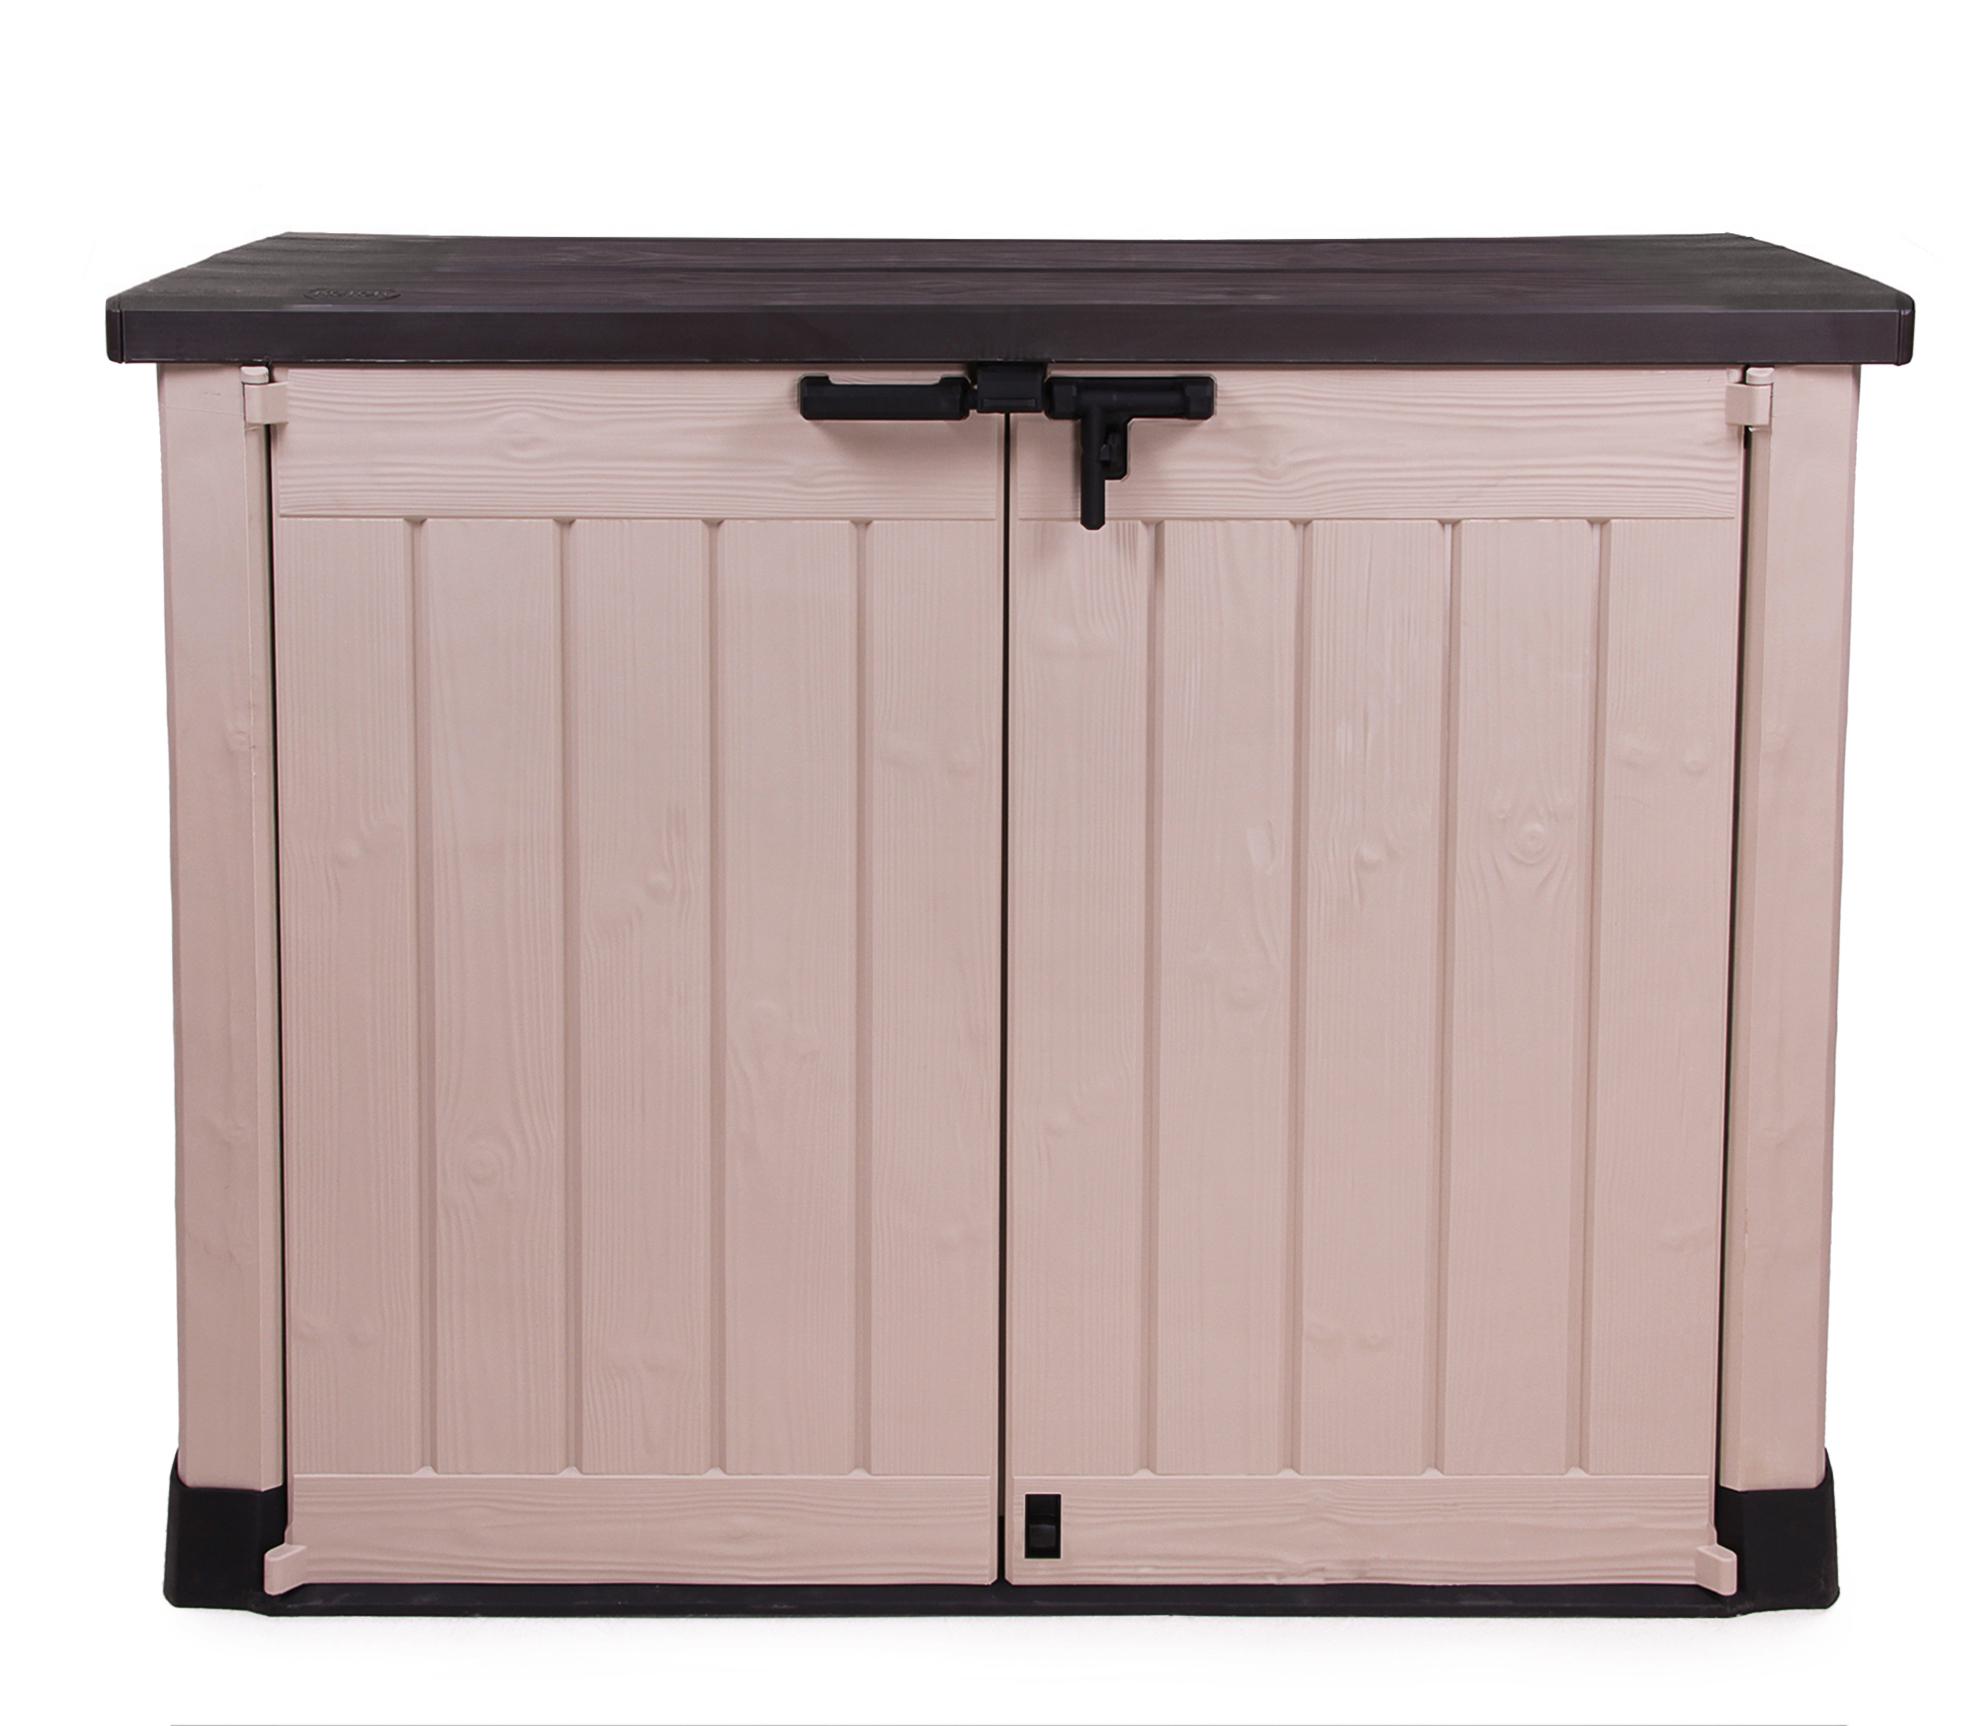 ondis24 keter geräteschuppen mülltonnenbox gartenbox max günstig